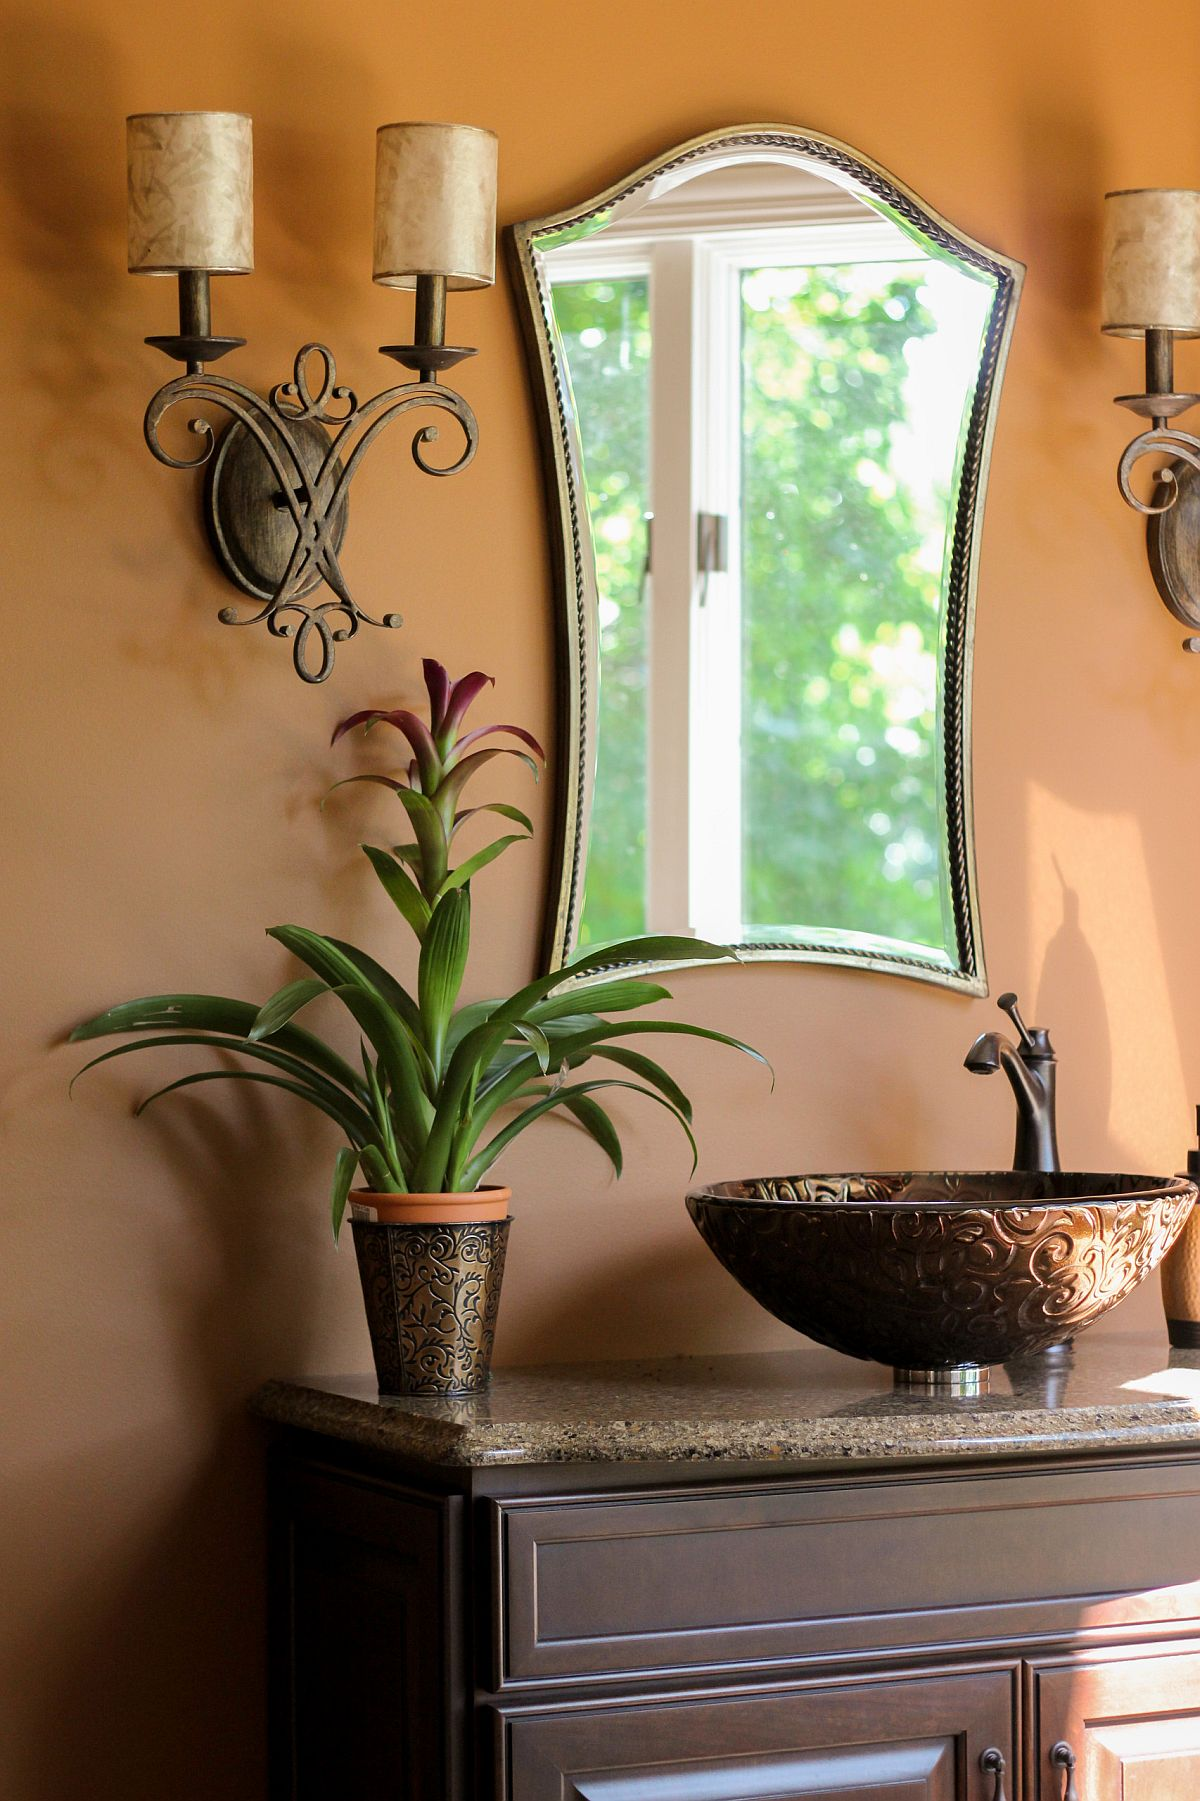 Salle d'eau de style méditerranéen moderne avec juste un soupçon de verdure